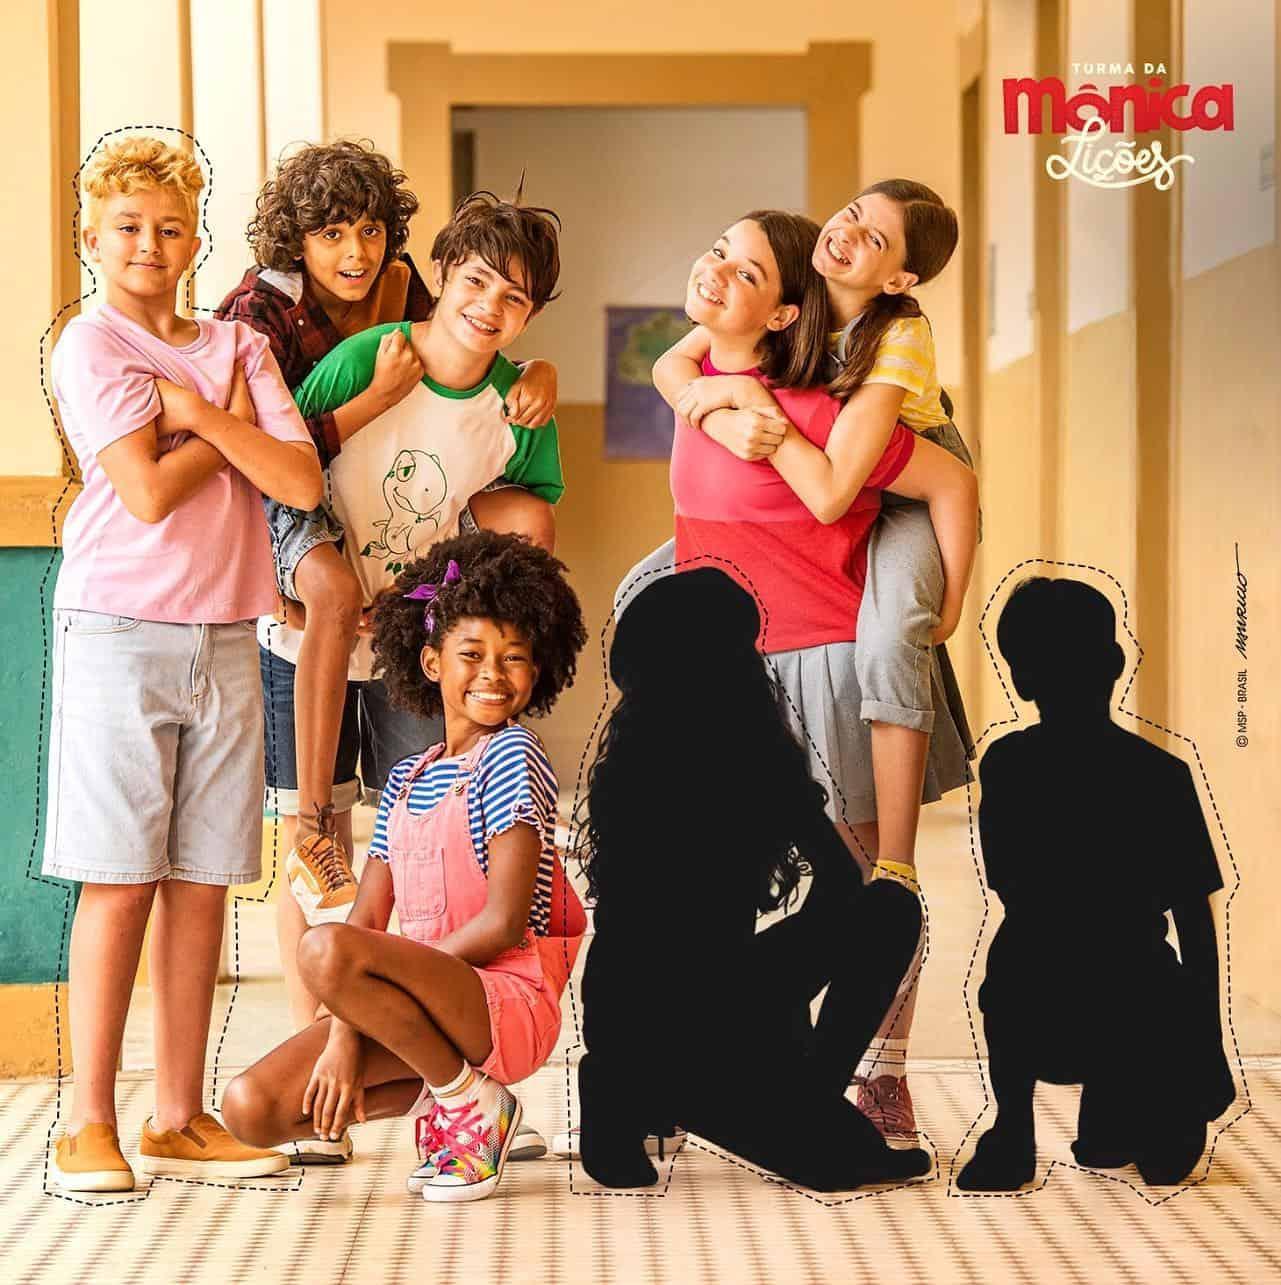 Humberto estará em Turma da Mônica: Lições, conheça o ator!